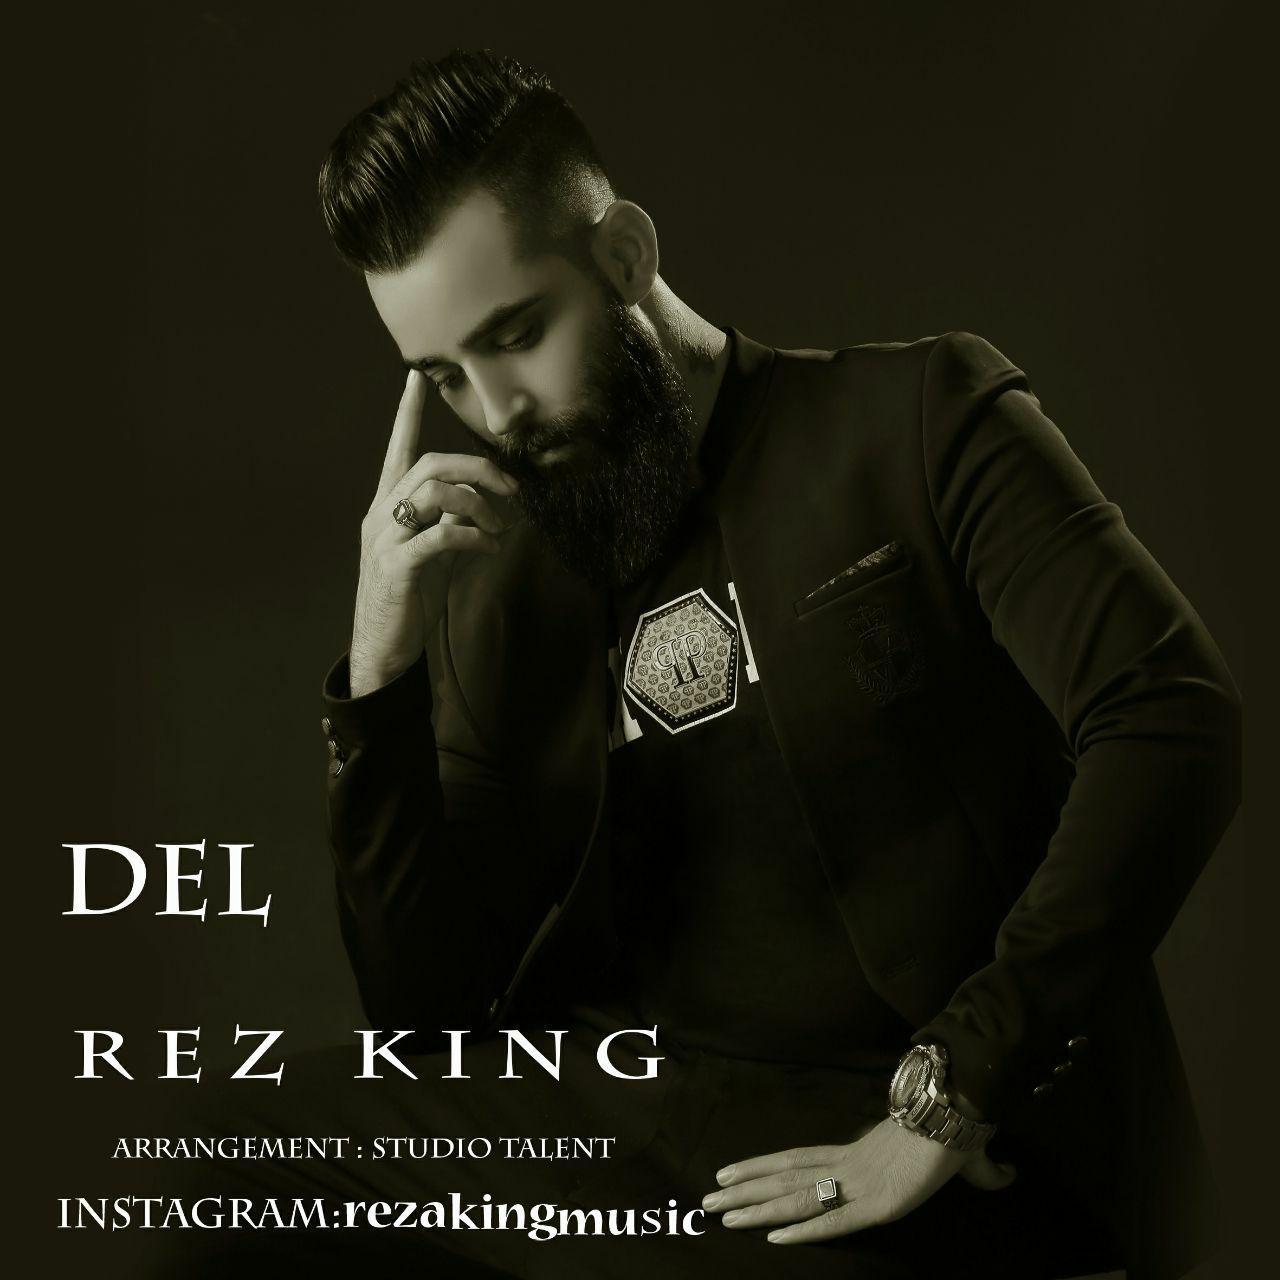 Reza King – Del